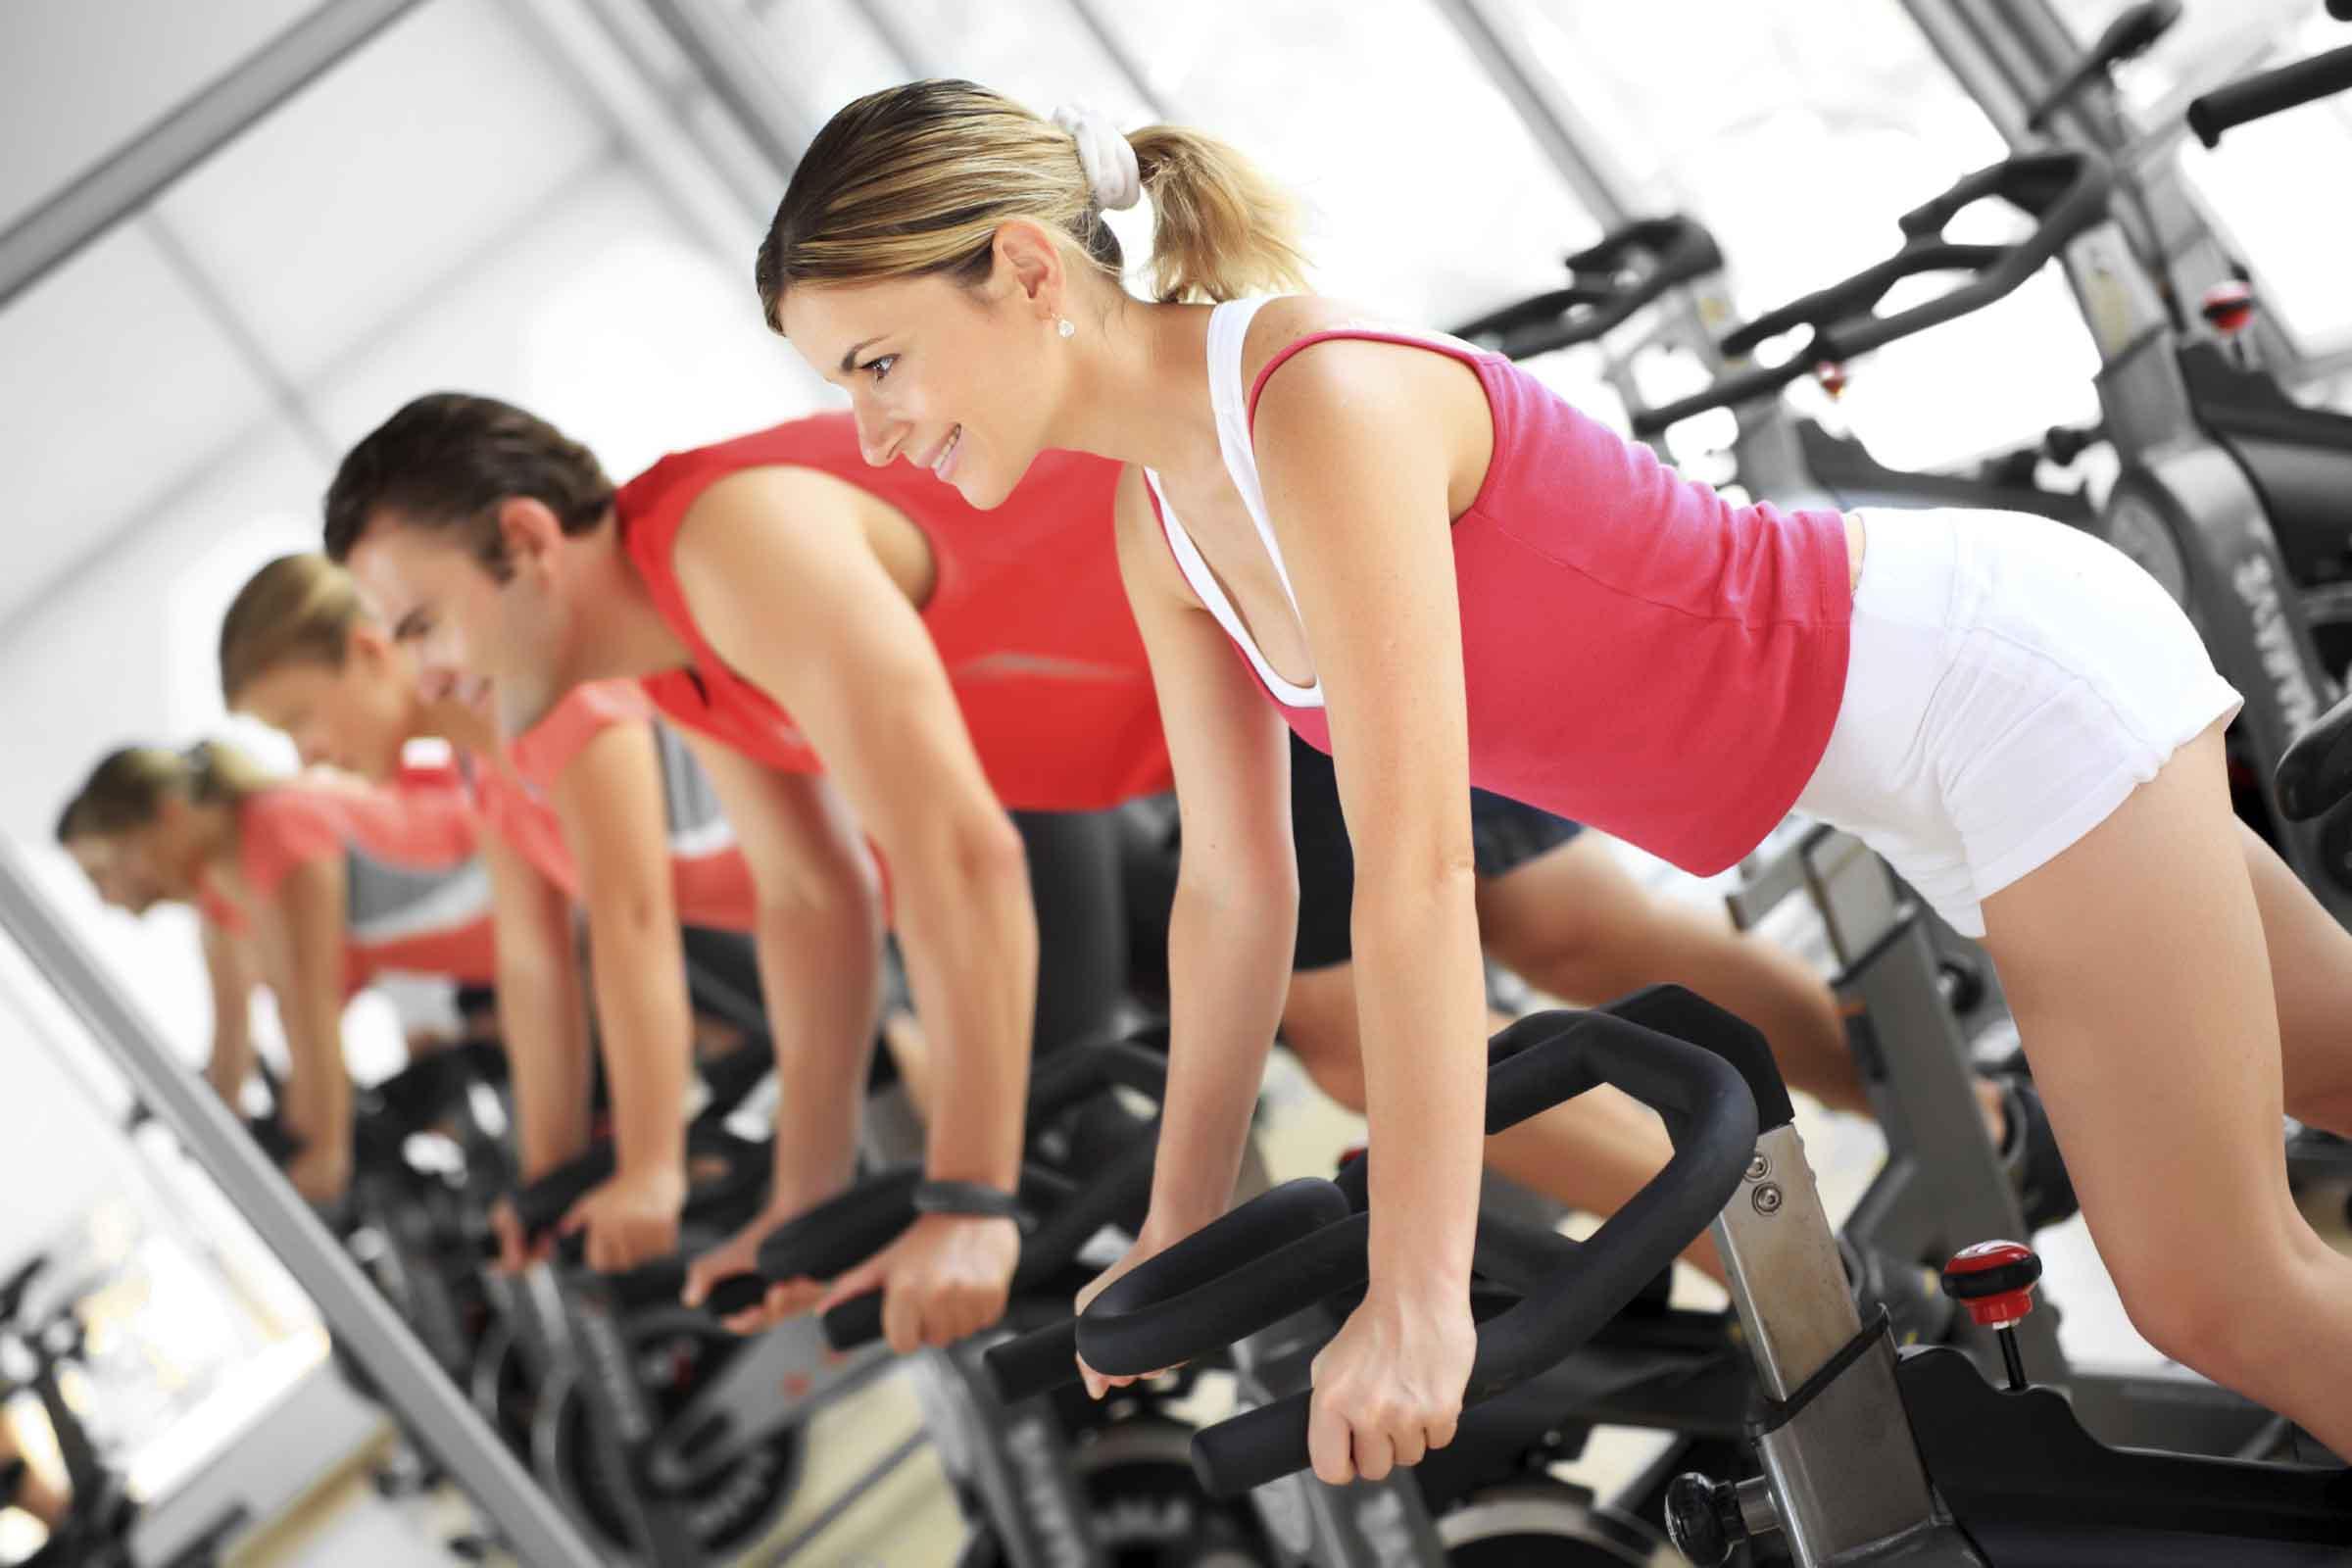 Faut-il faire son cardio avant ou après la muscu